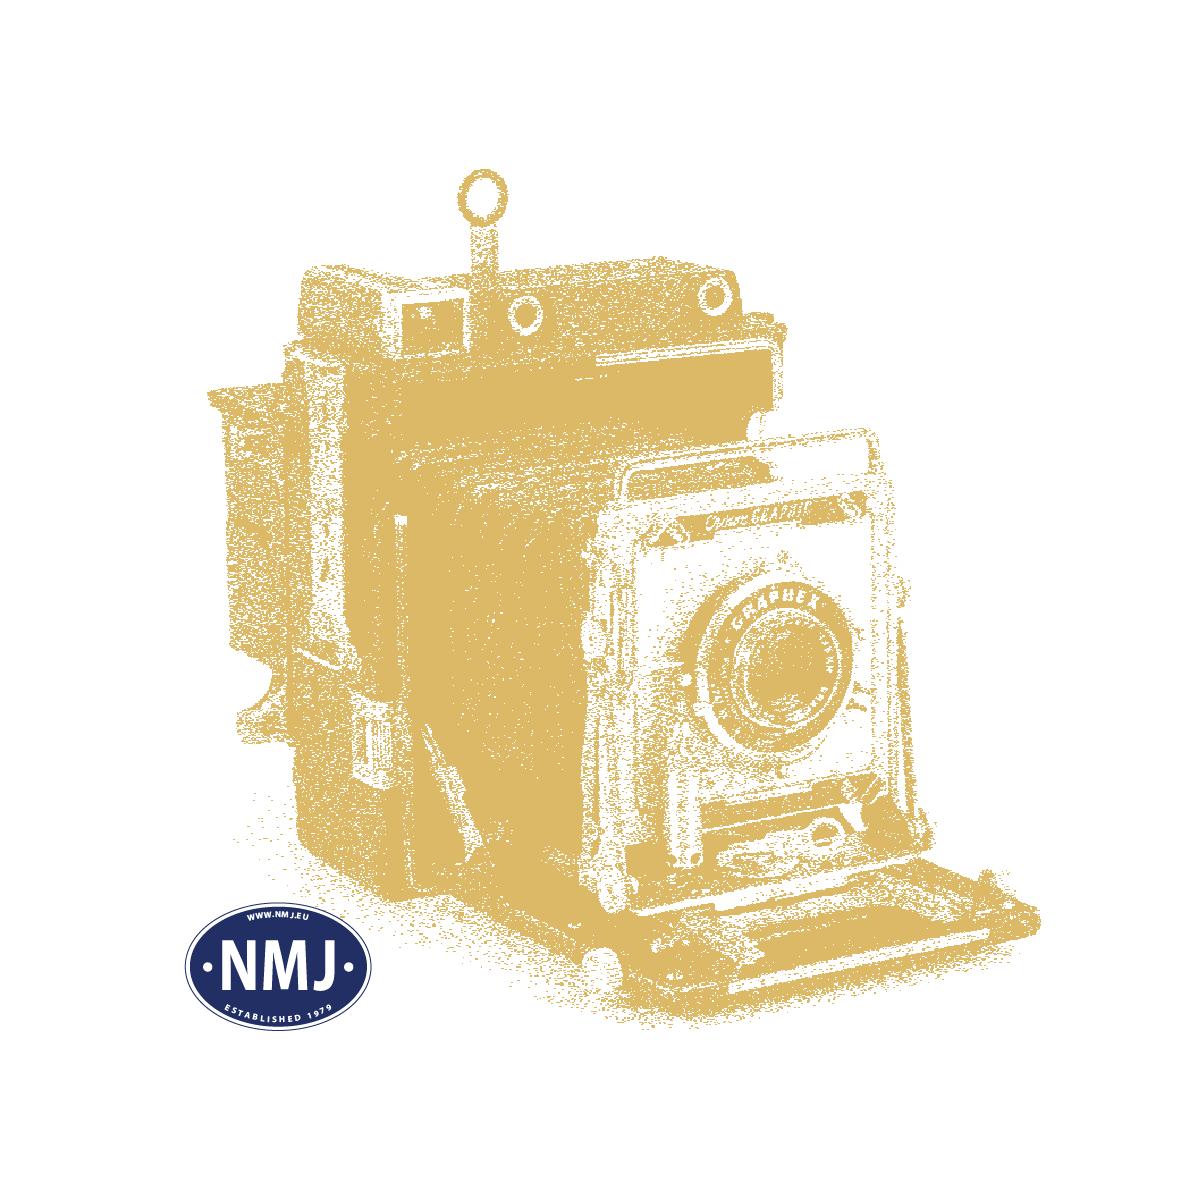 MWB-P606 - Gresstuster, 6 mm, Vinter, 21 x 15 Cm